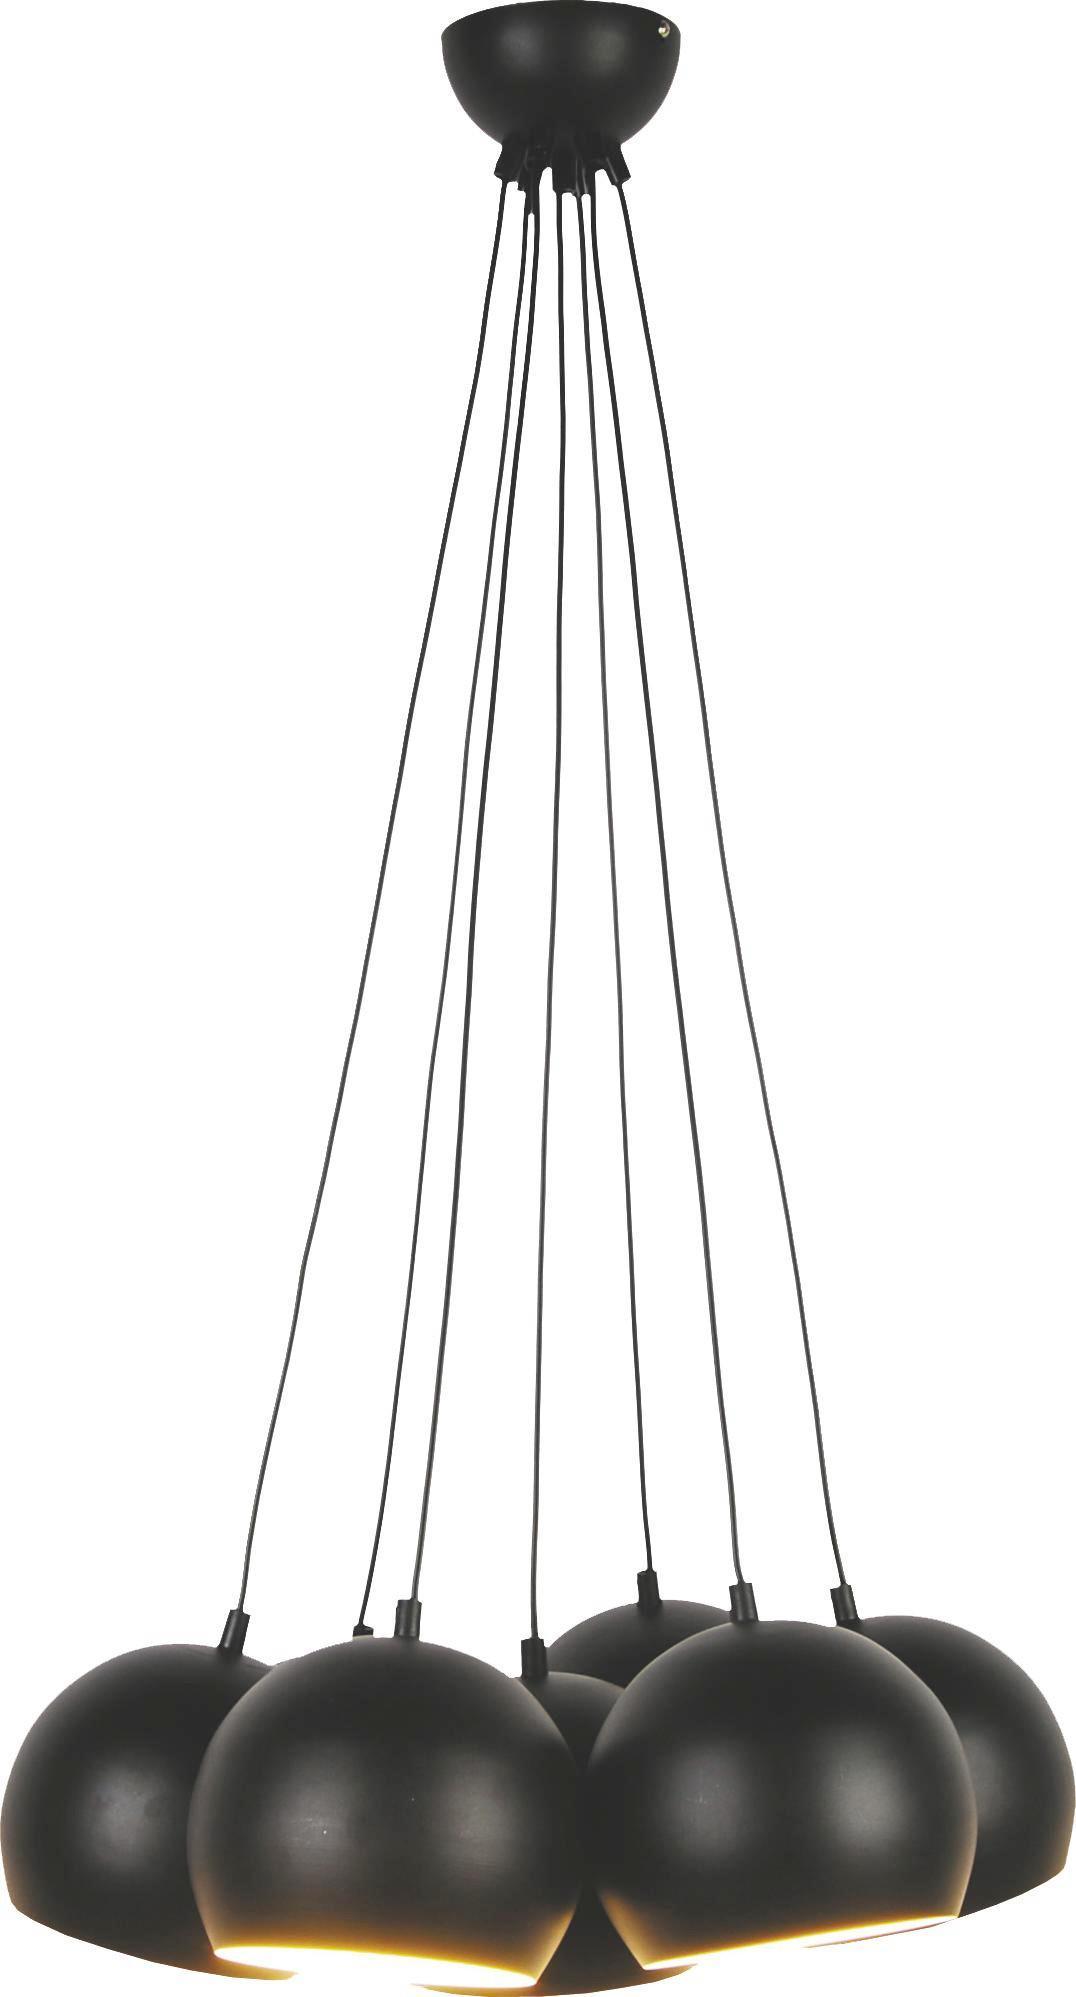 Hängeleuchte Elvis, max. 40 Watt - Schwarz, LIFESTYLE, Metall (45/45/113cm) - MÖMAX modern living